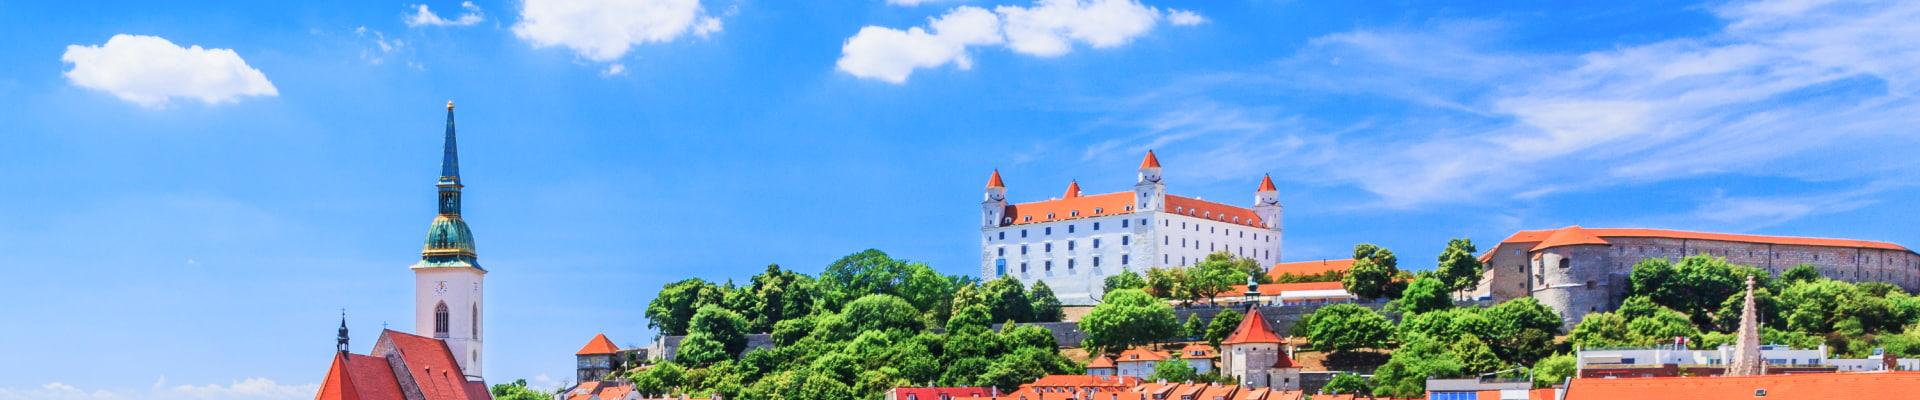 обучение в словацкой республике